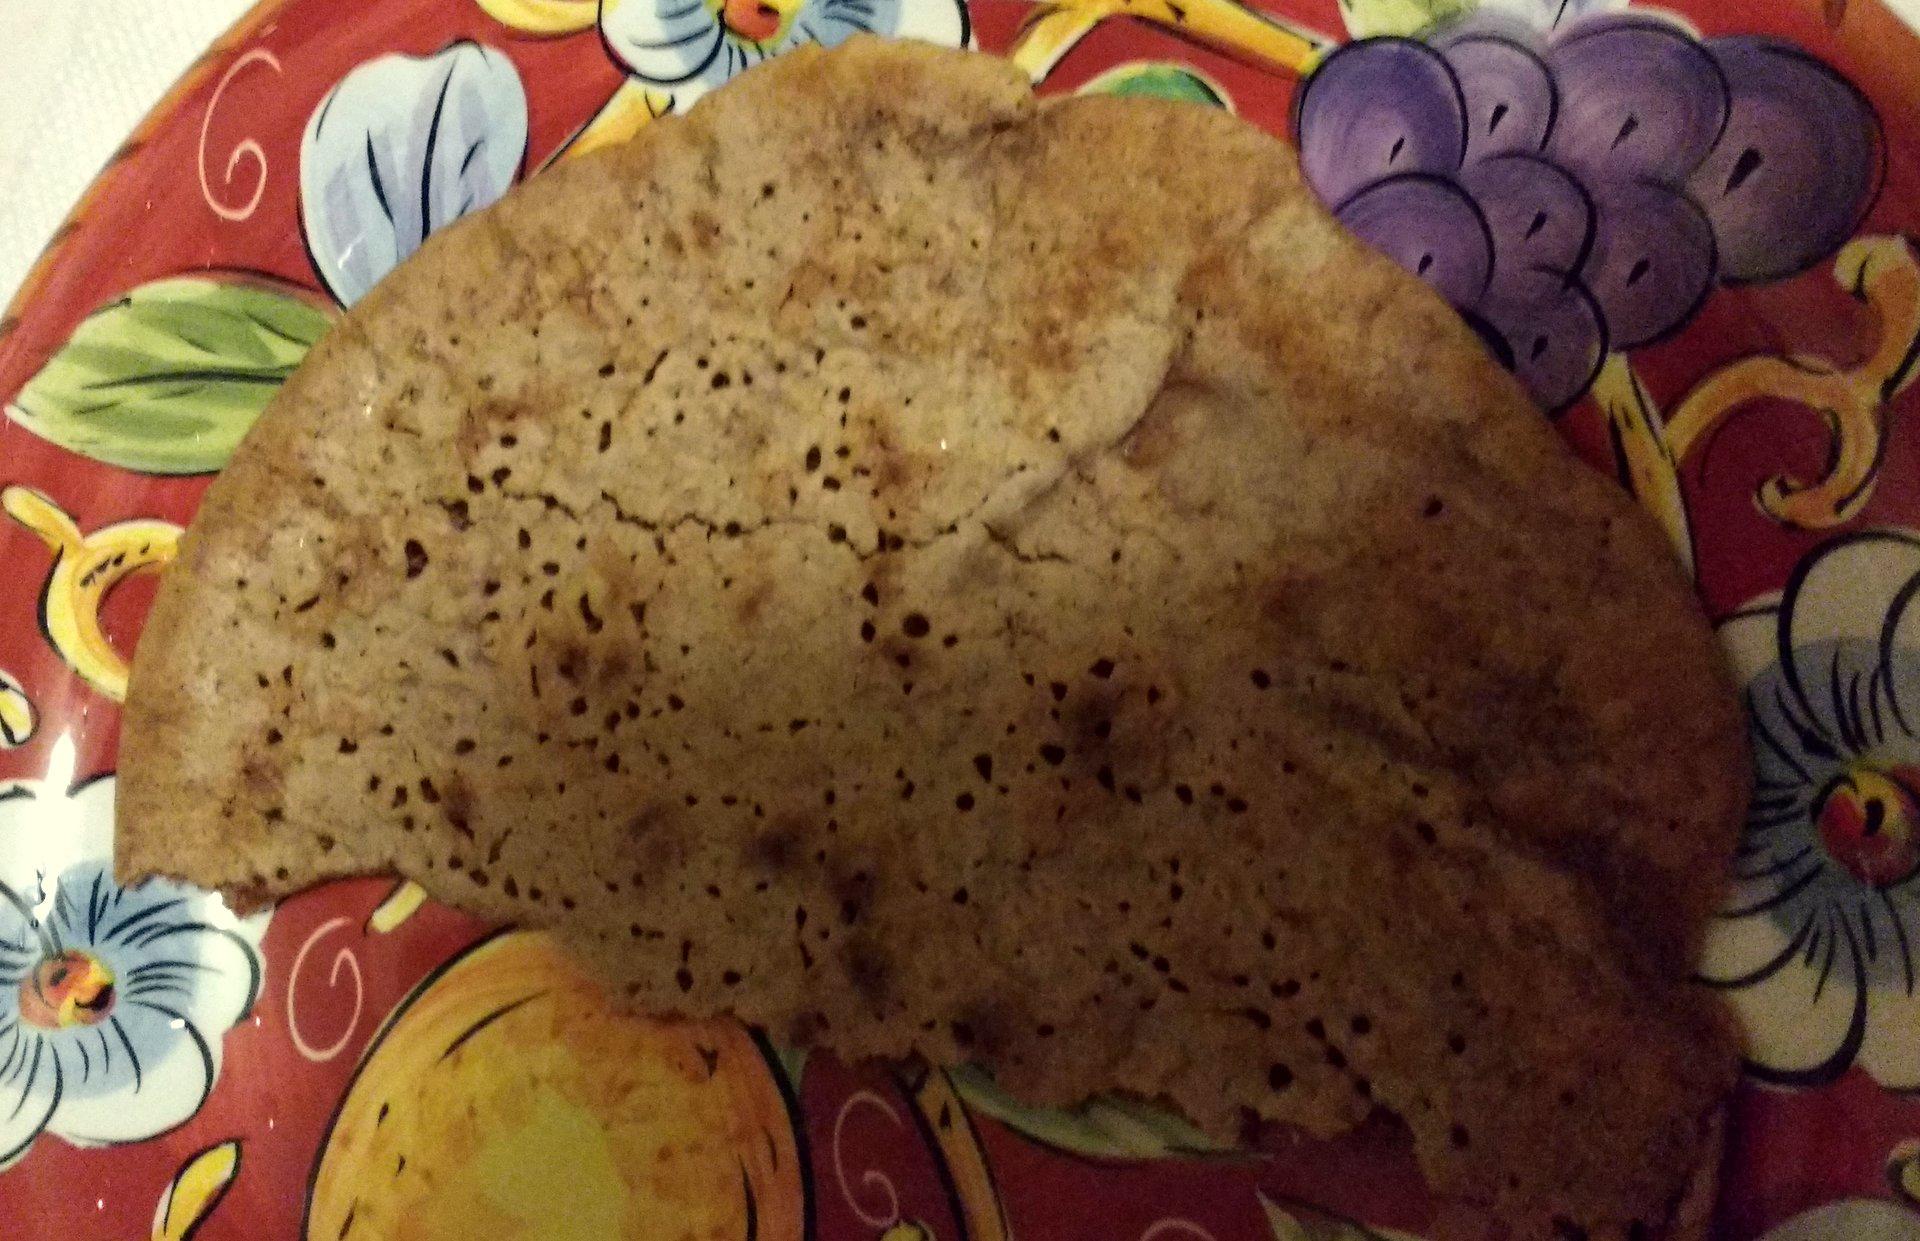 A Palatschinken pancake on a plate